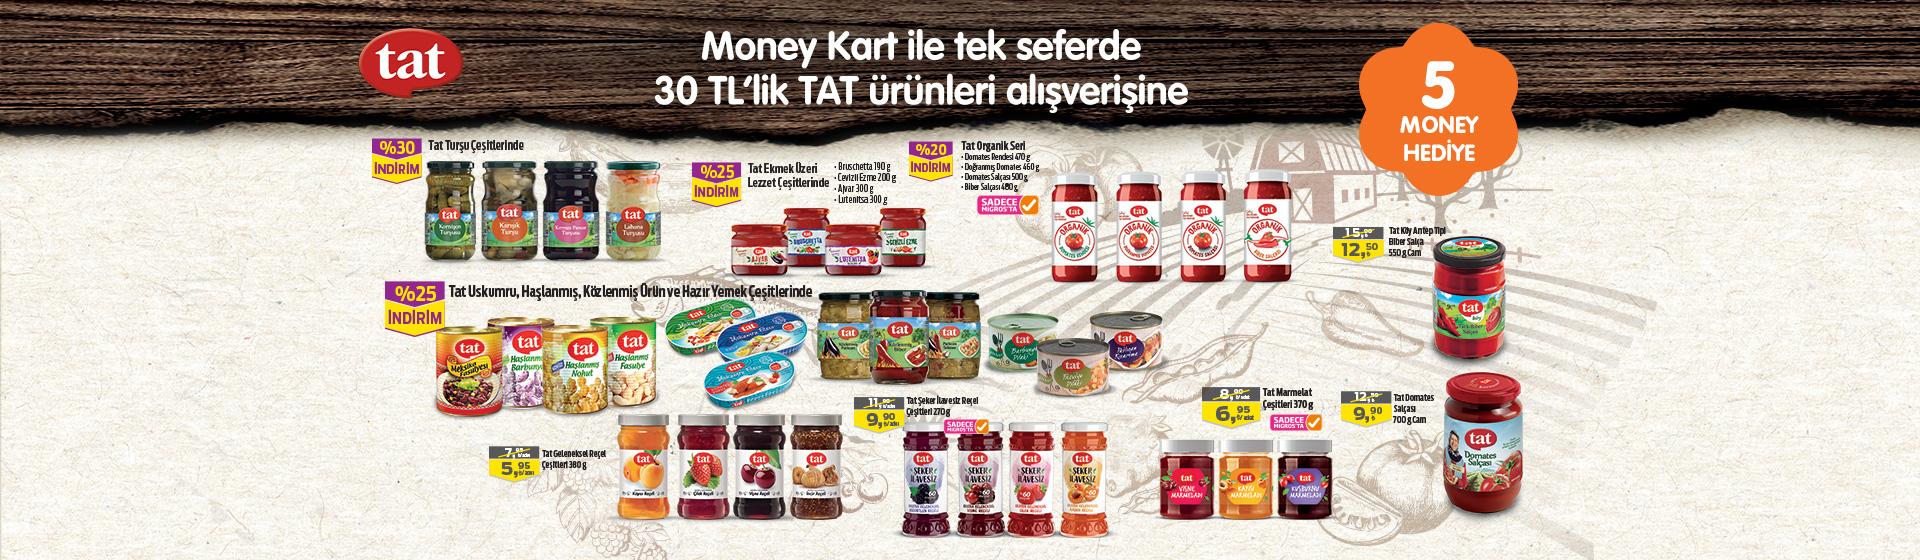 Tat Money Kampanyası